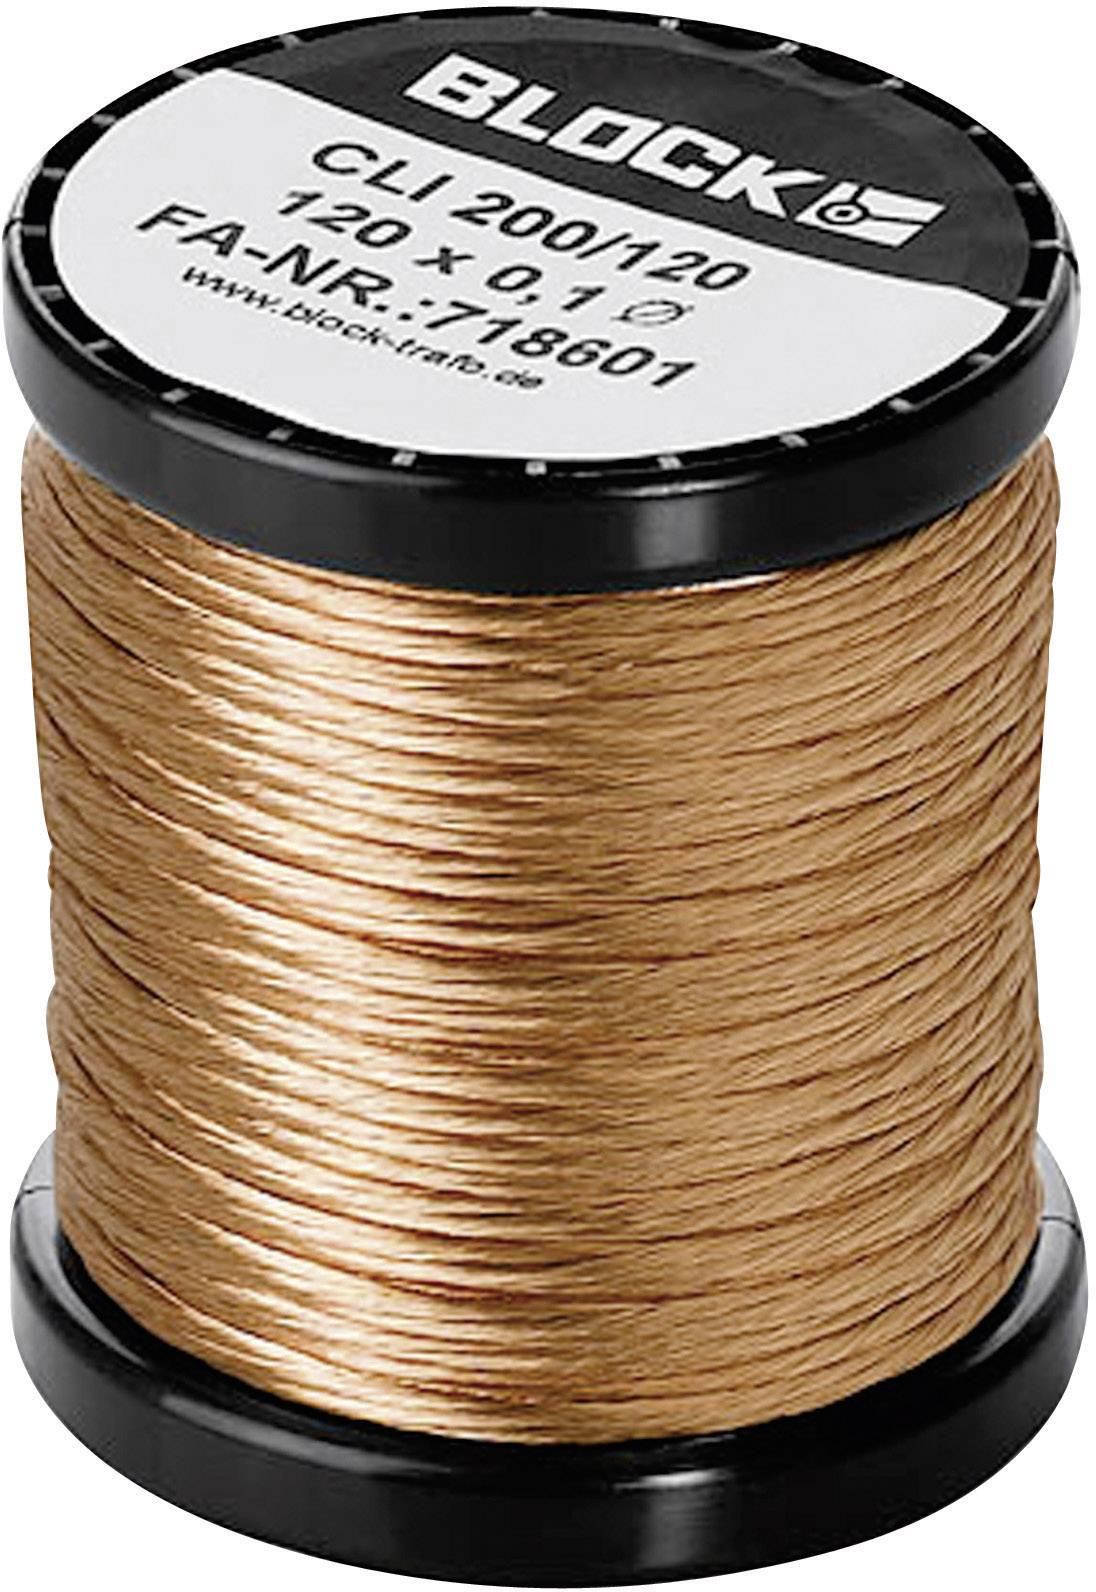 Medený drôt smaltovaný lakom Block CLI 200/90, vonkajší Ø 0.10 mm, 1 balení